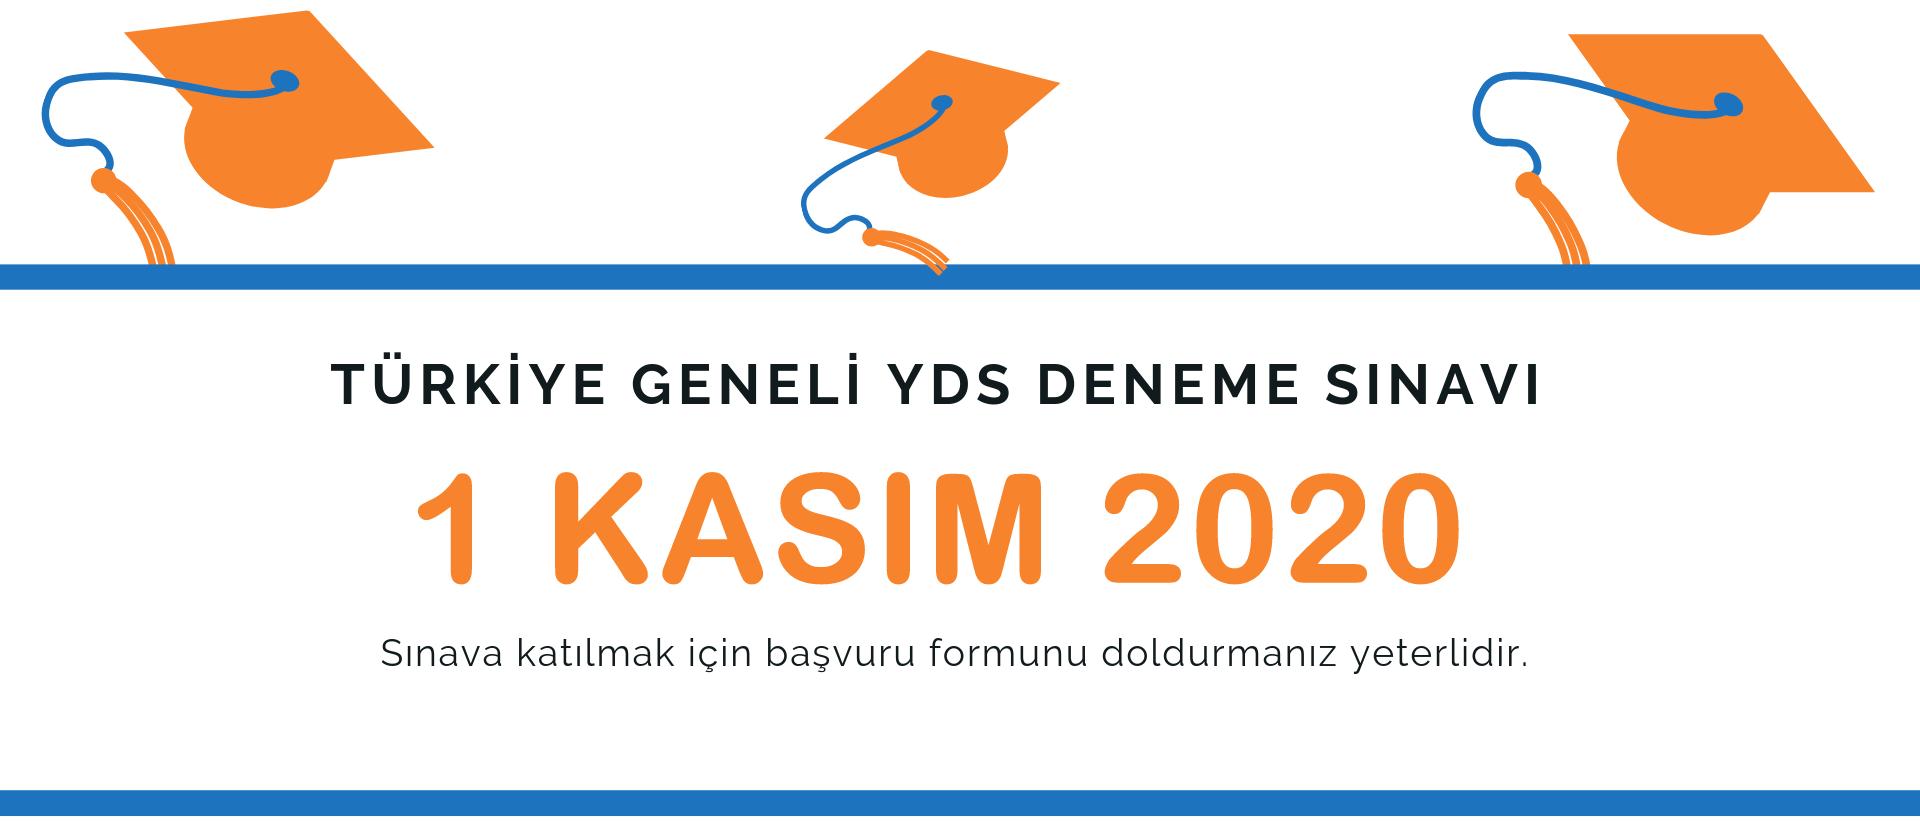 Türkiye Geneli YDS Deneme Sınavı 2